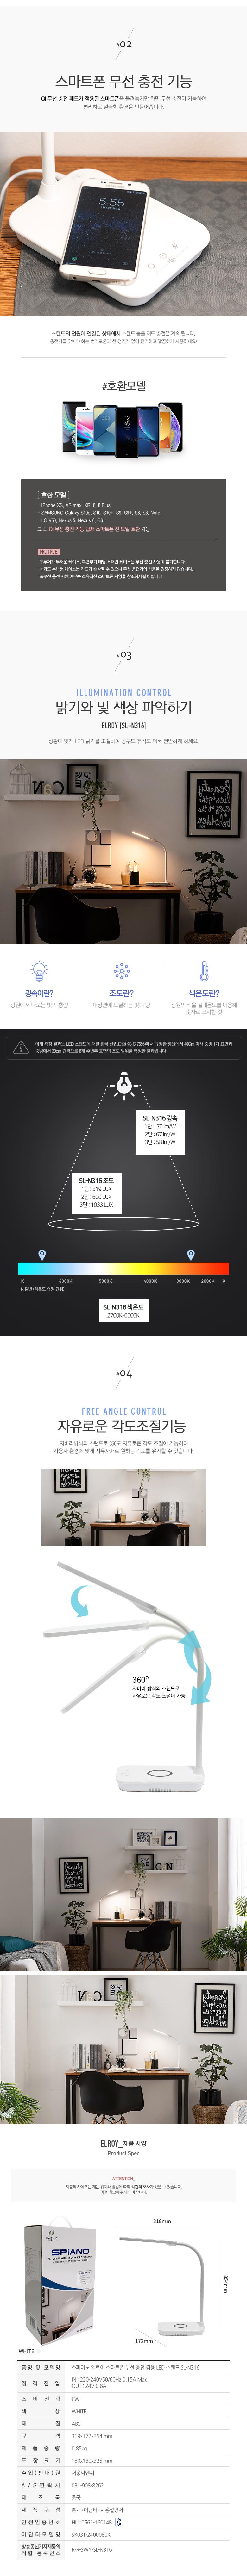 엘로이 스마트폰무선충전겸용 LED스탠드 SL-N316 - 스피아노, 55,900원, 리빙조명, 학습조명